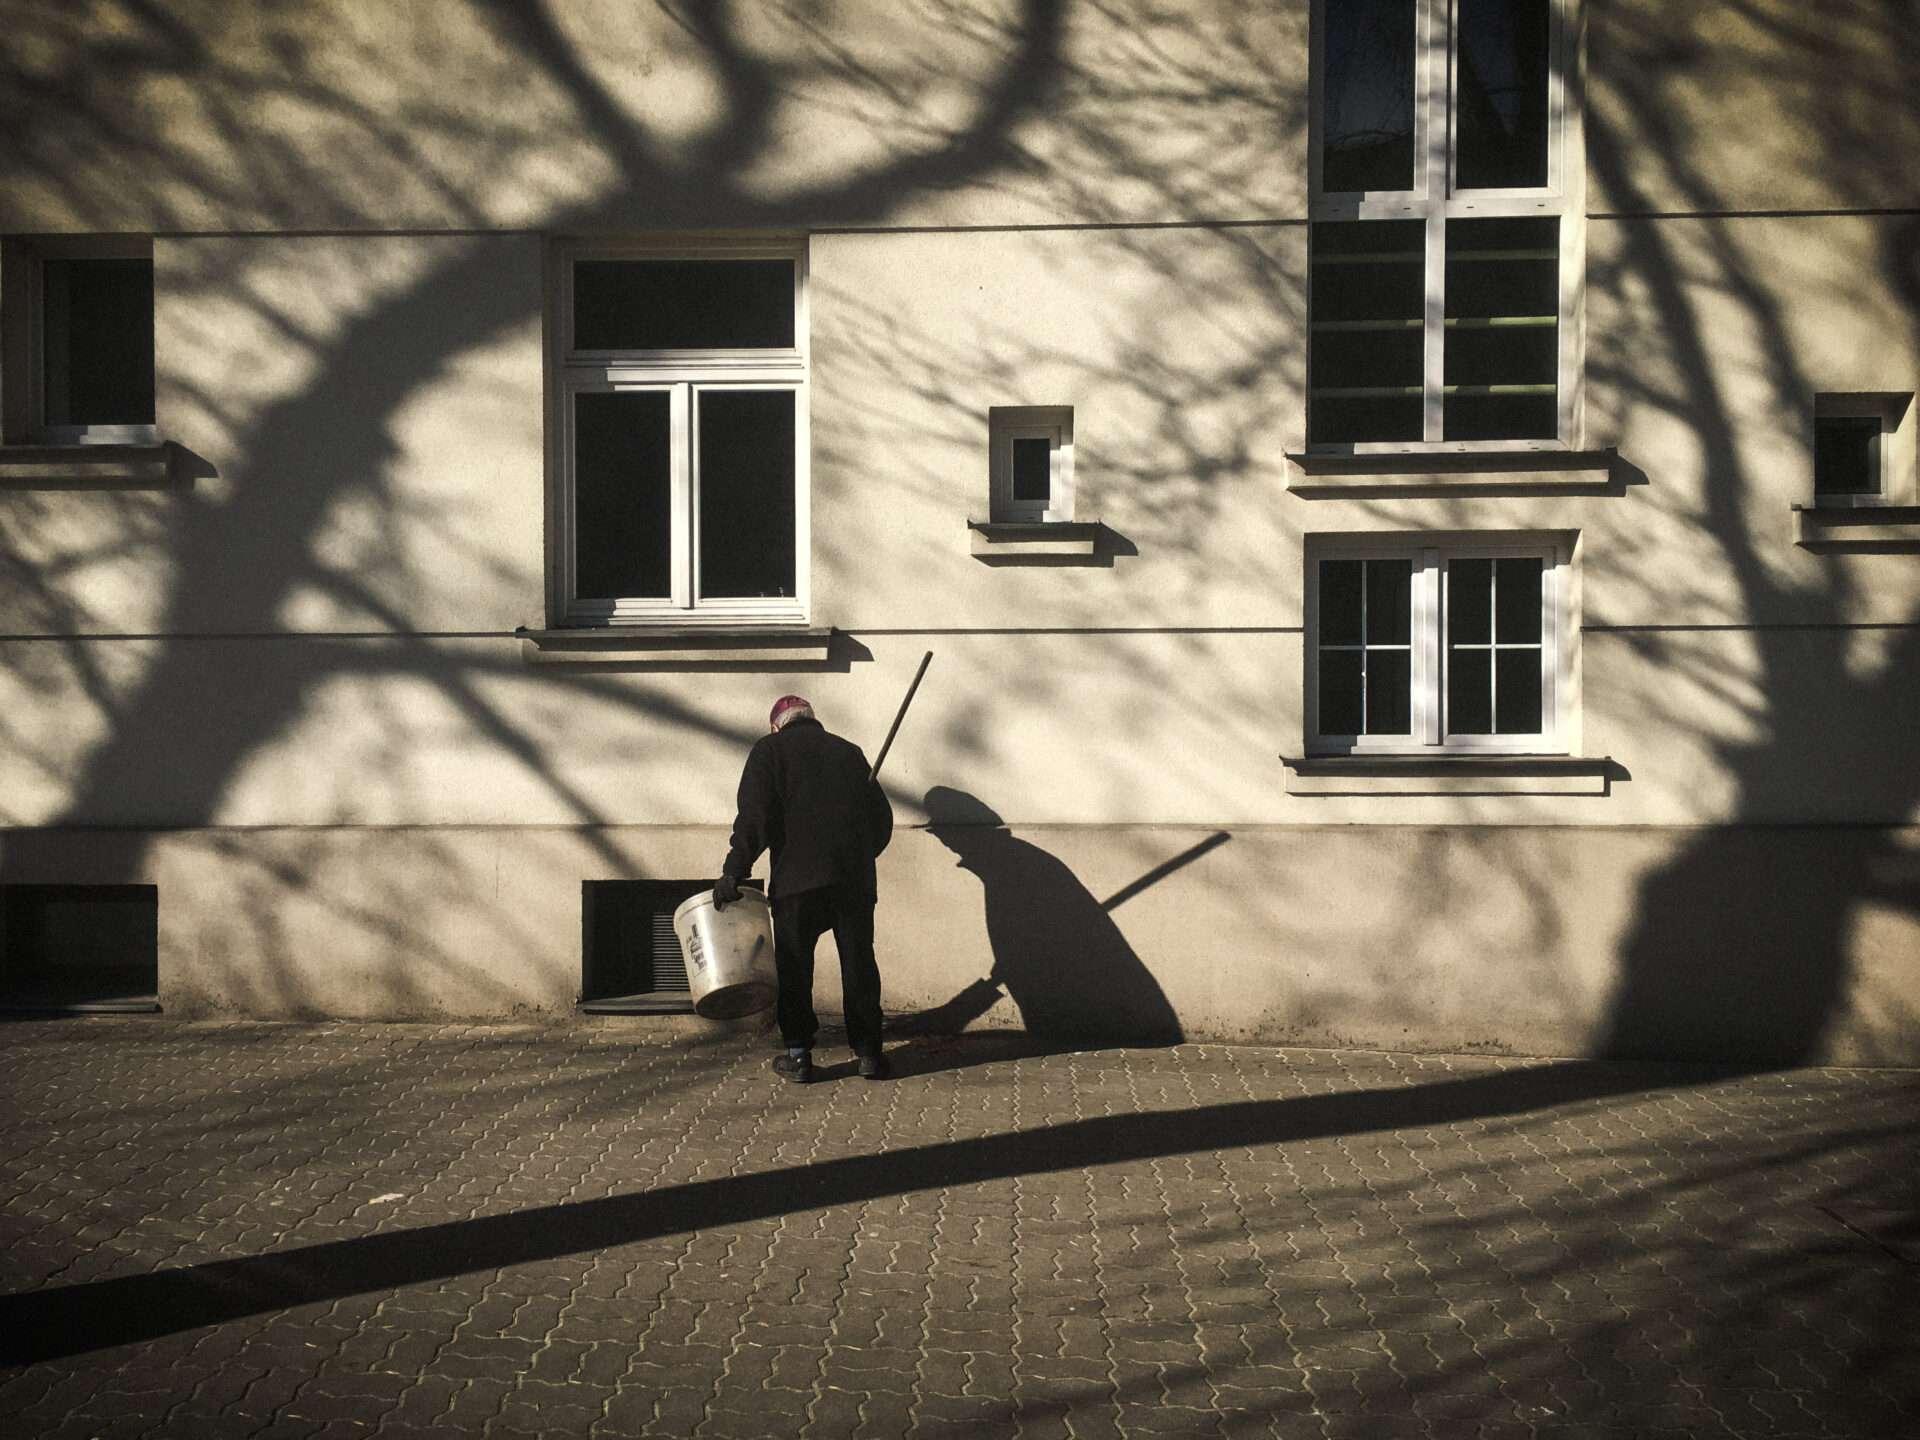 Dozorca sprząta chodnik